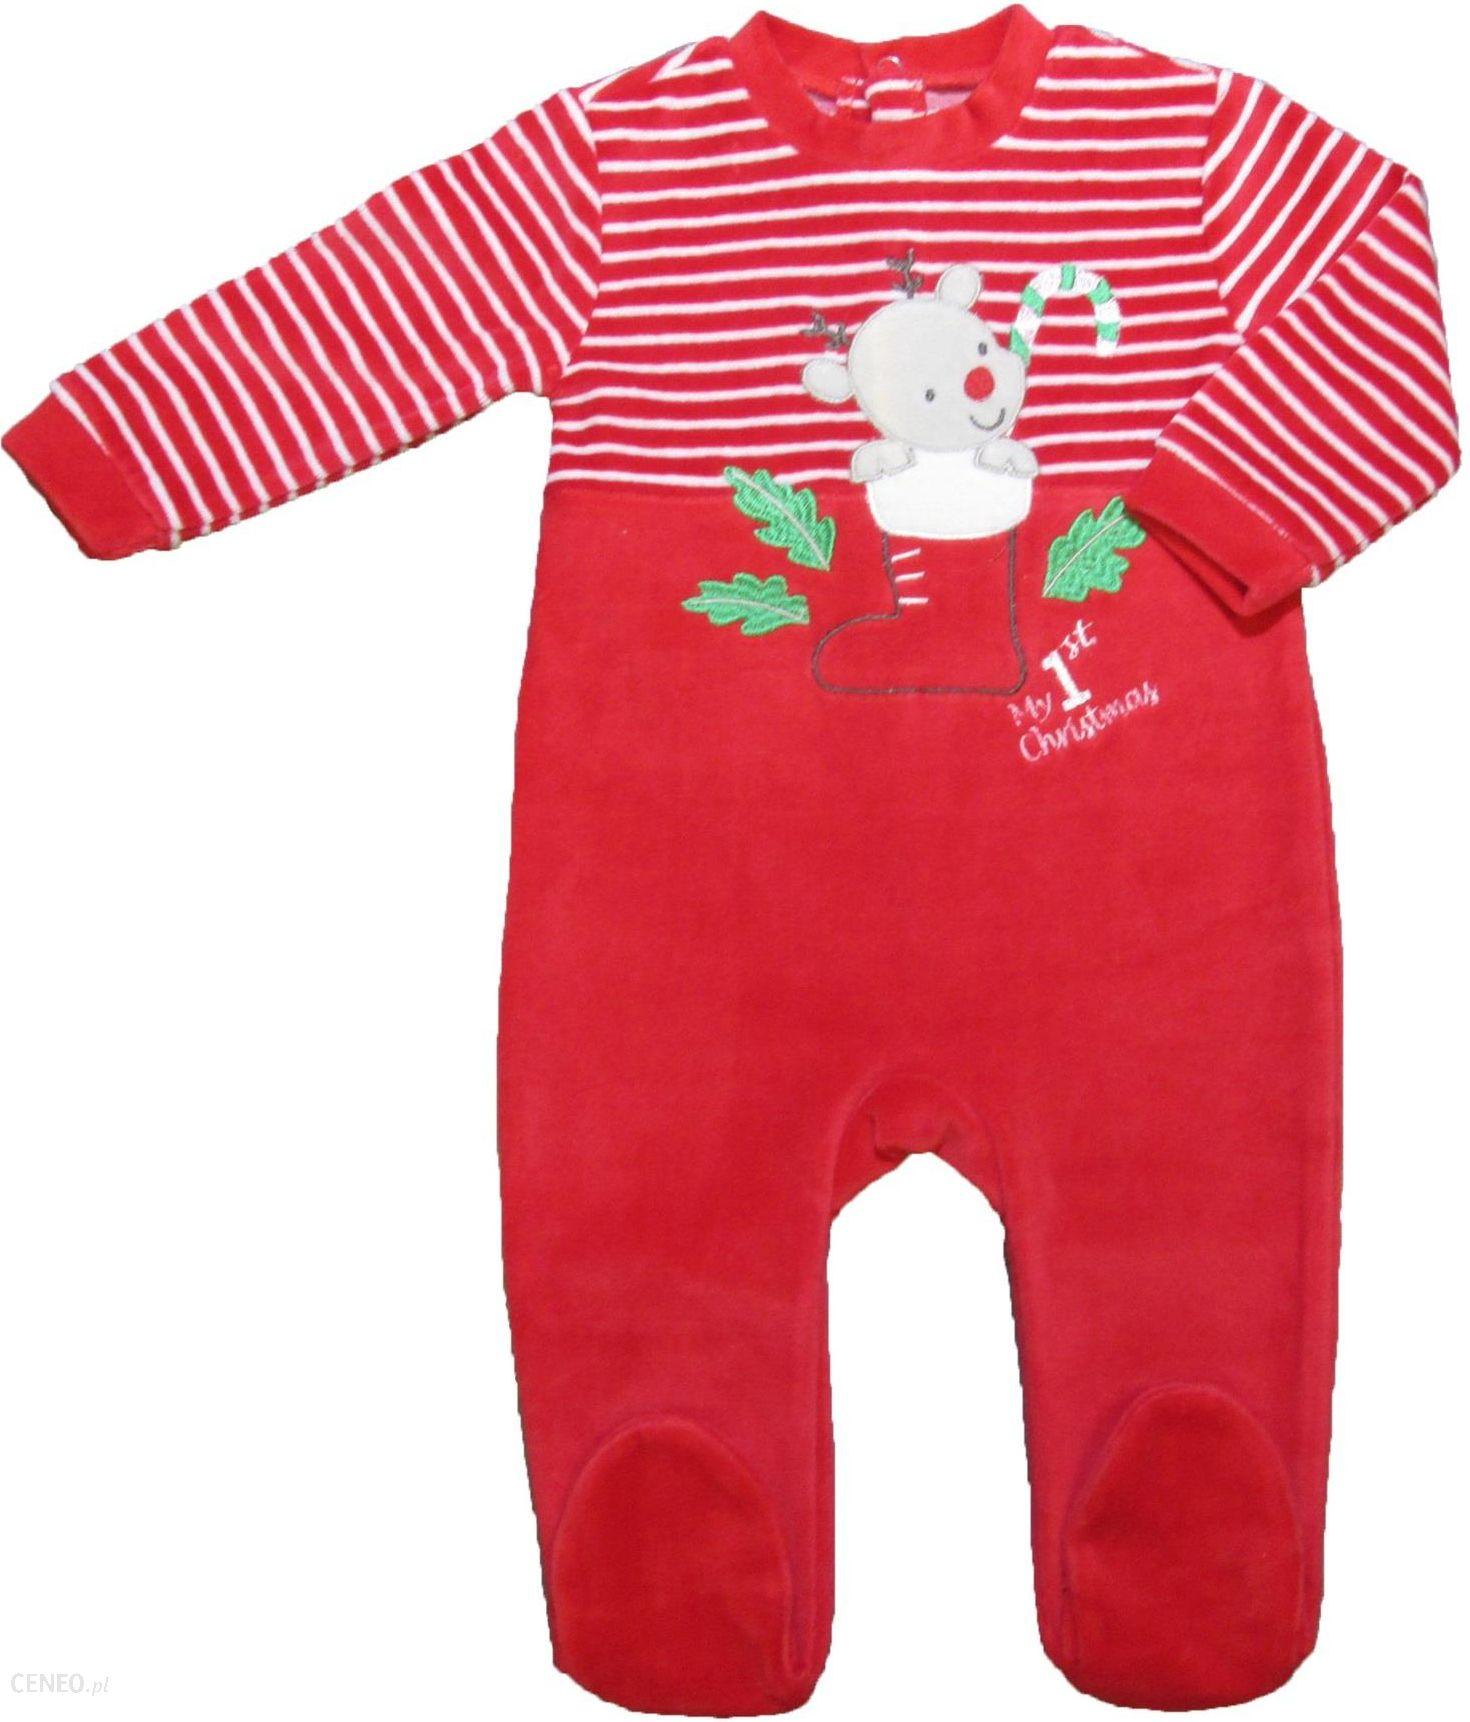 14b2911076 Carodel śpioszki dziecięce Christmas